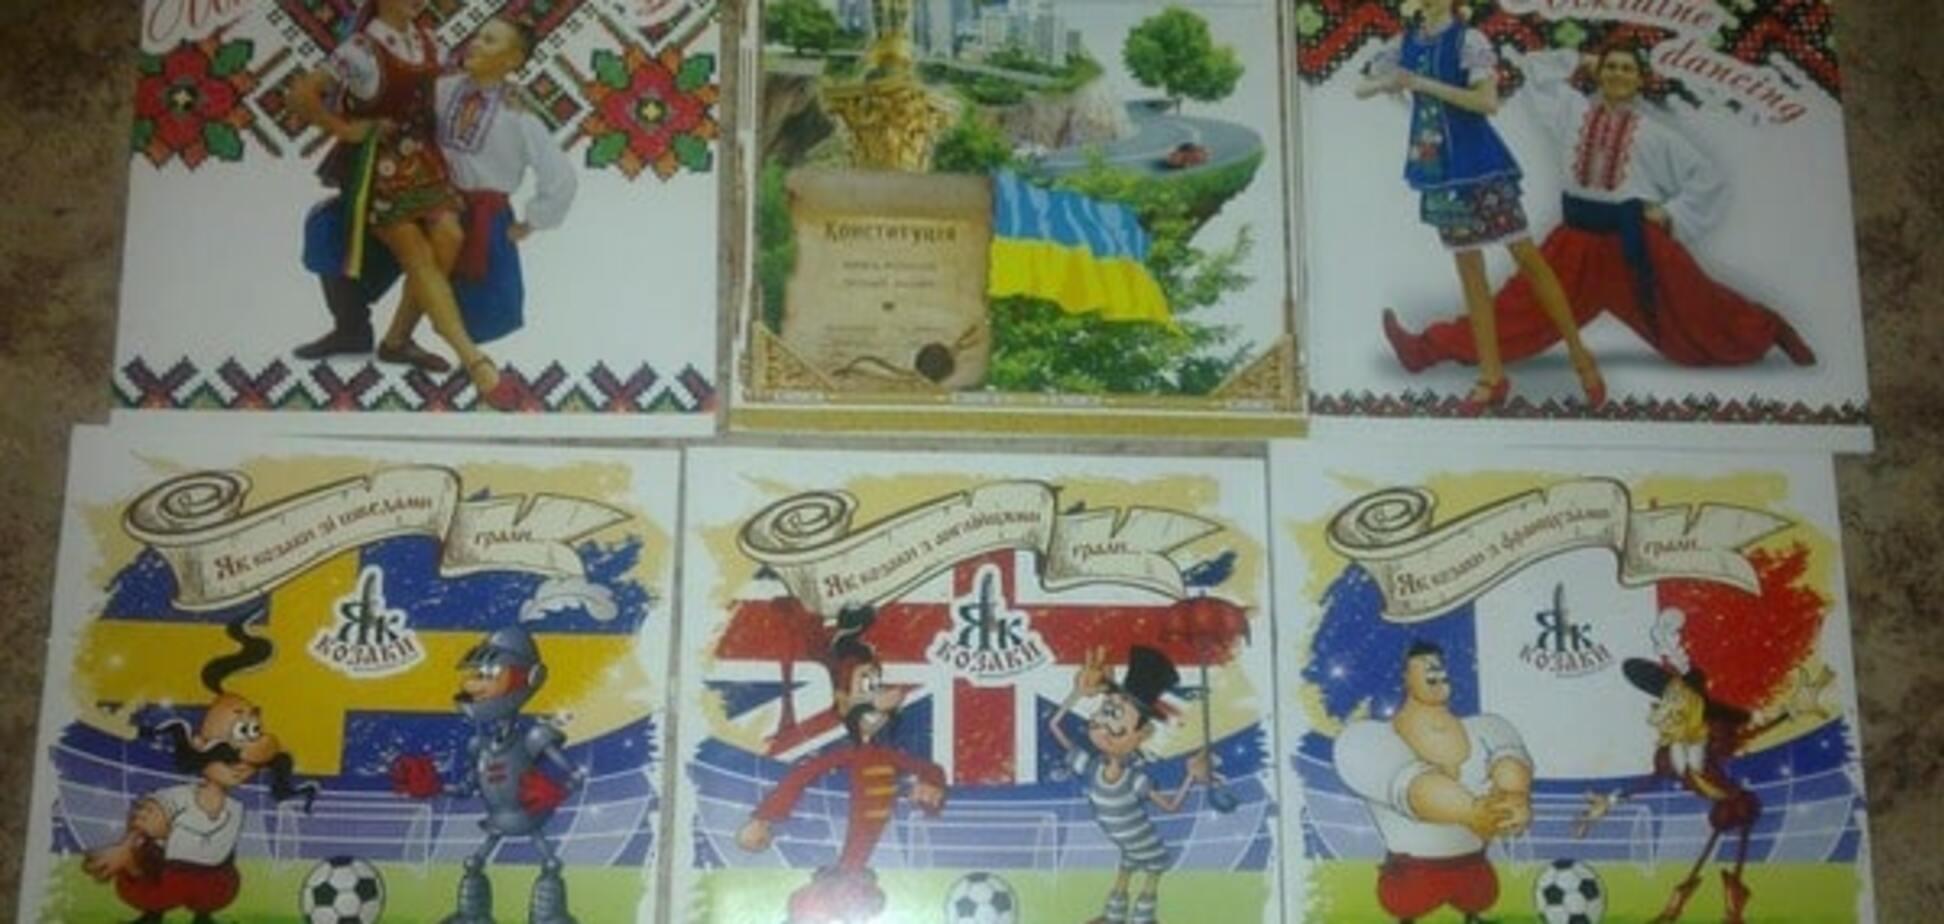 'Витівки хунти'! Українські зошити стали хітом продажів у Донецьку: опубліковані фото